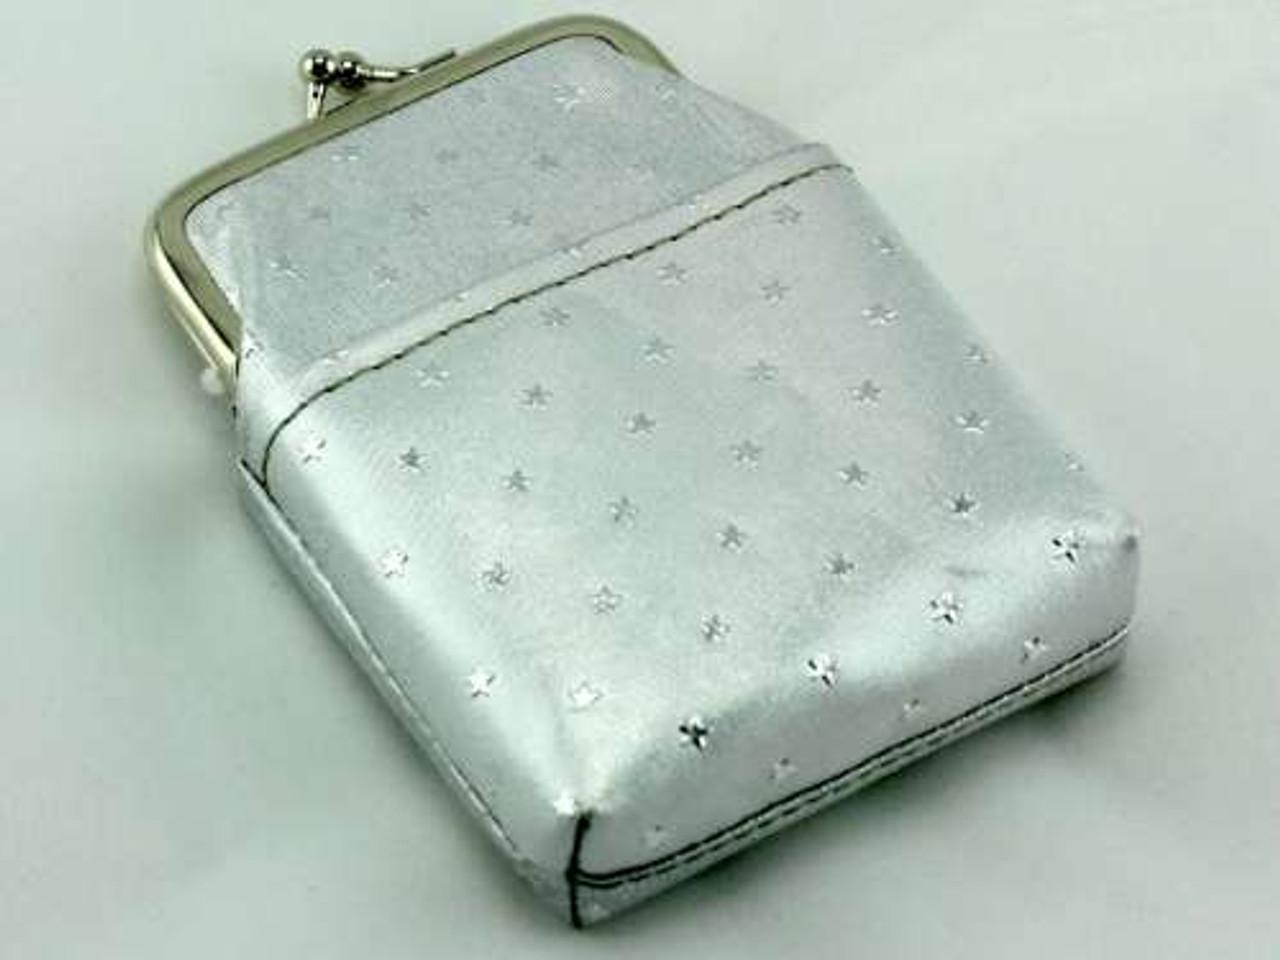 Silver Stars Cigarette Pack Holder